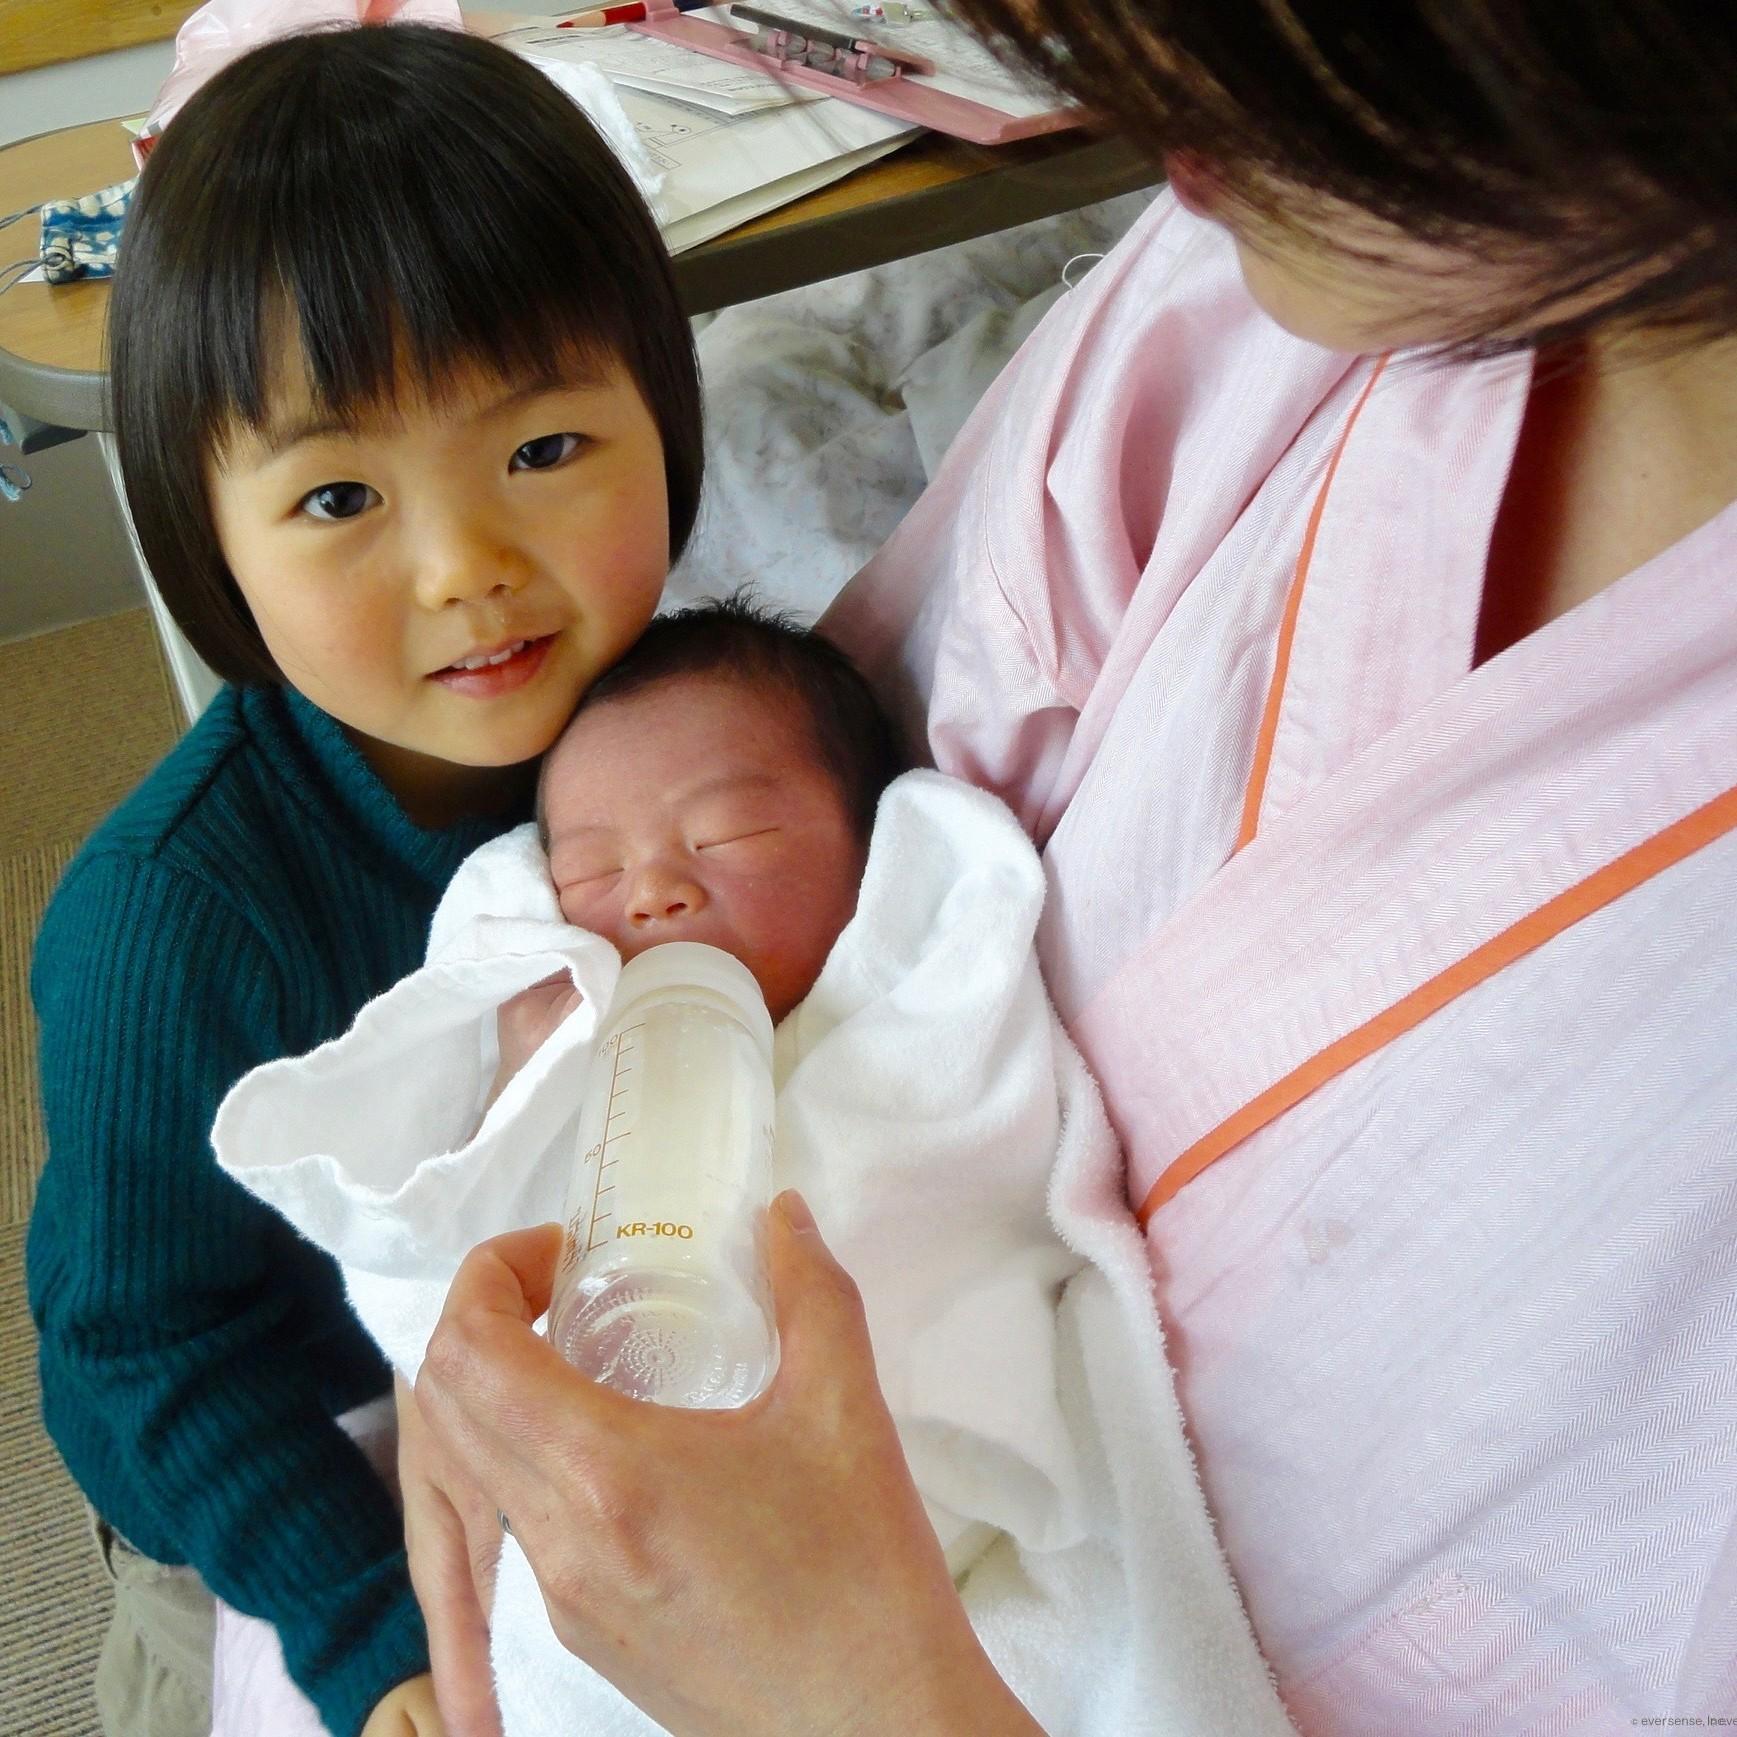 【出産体験談】性別が分かって号泣…なのに出産後はそれが嘘みたいに愛しい